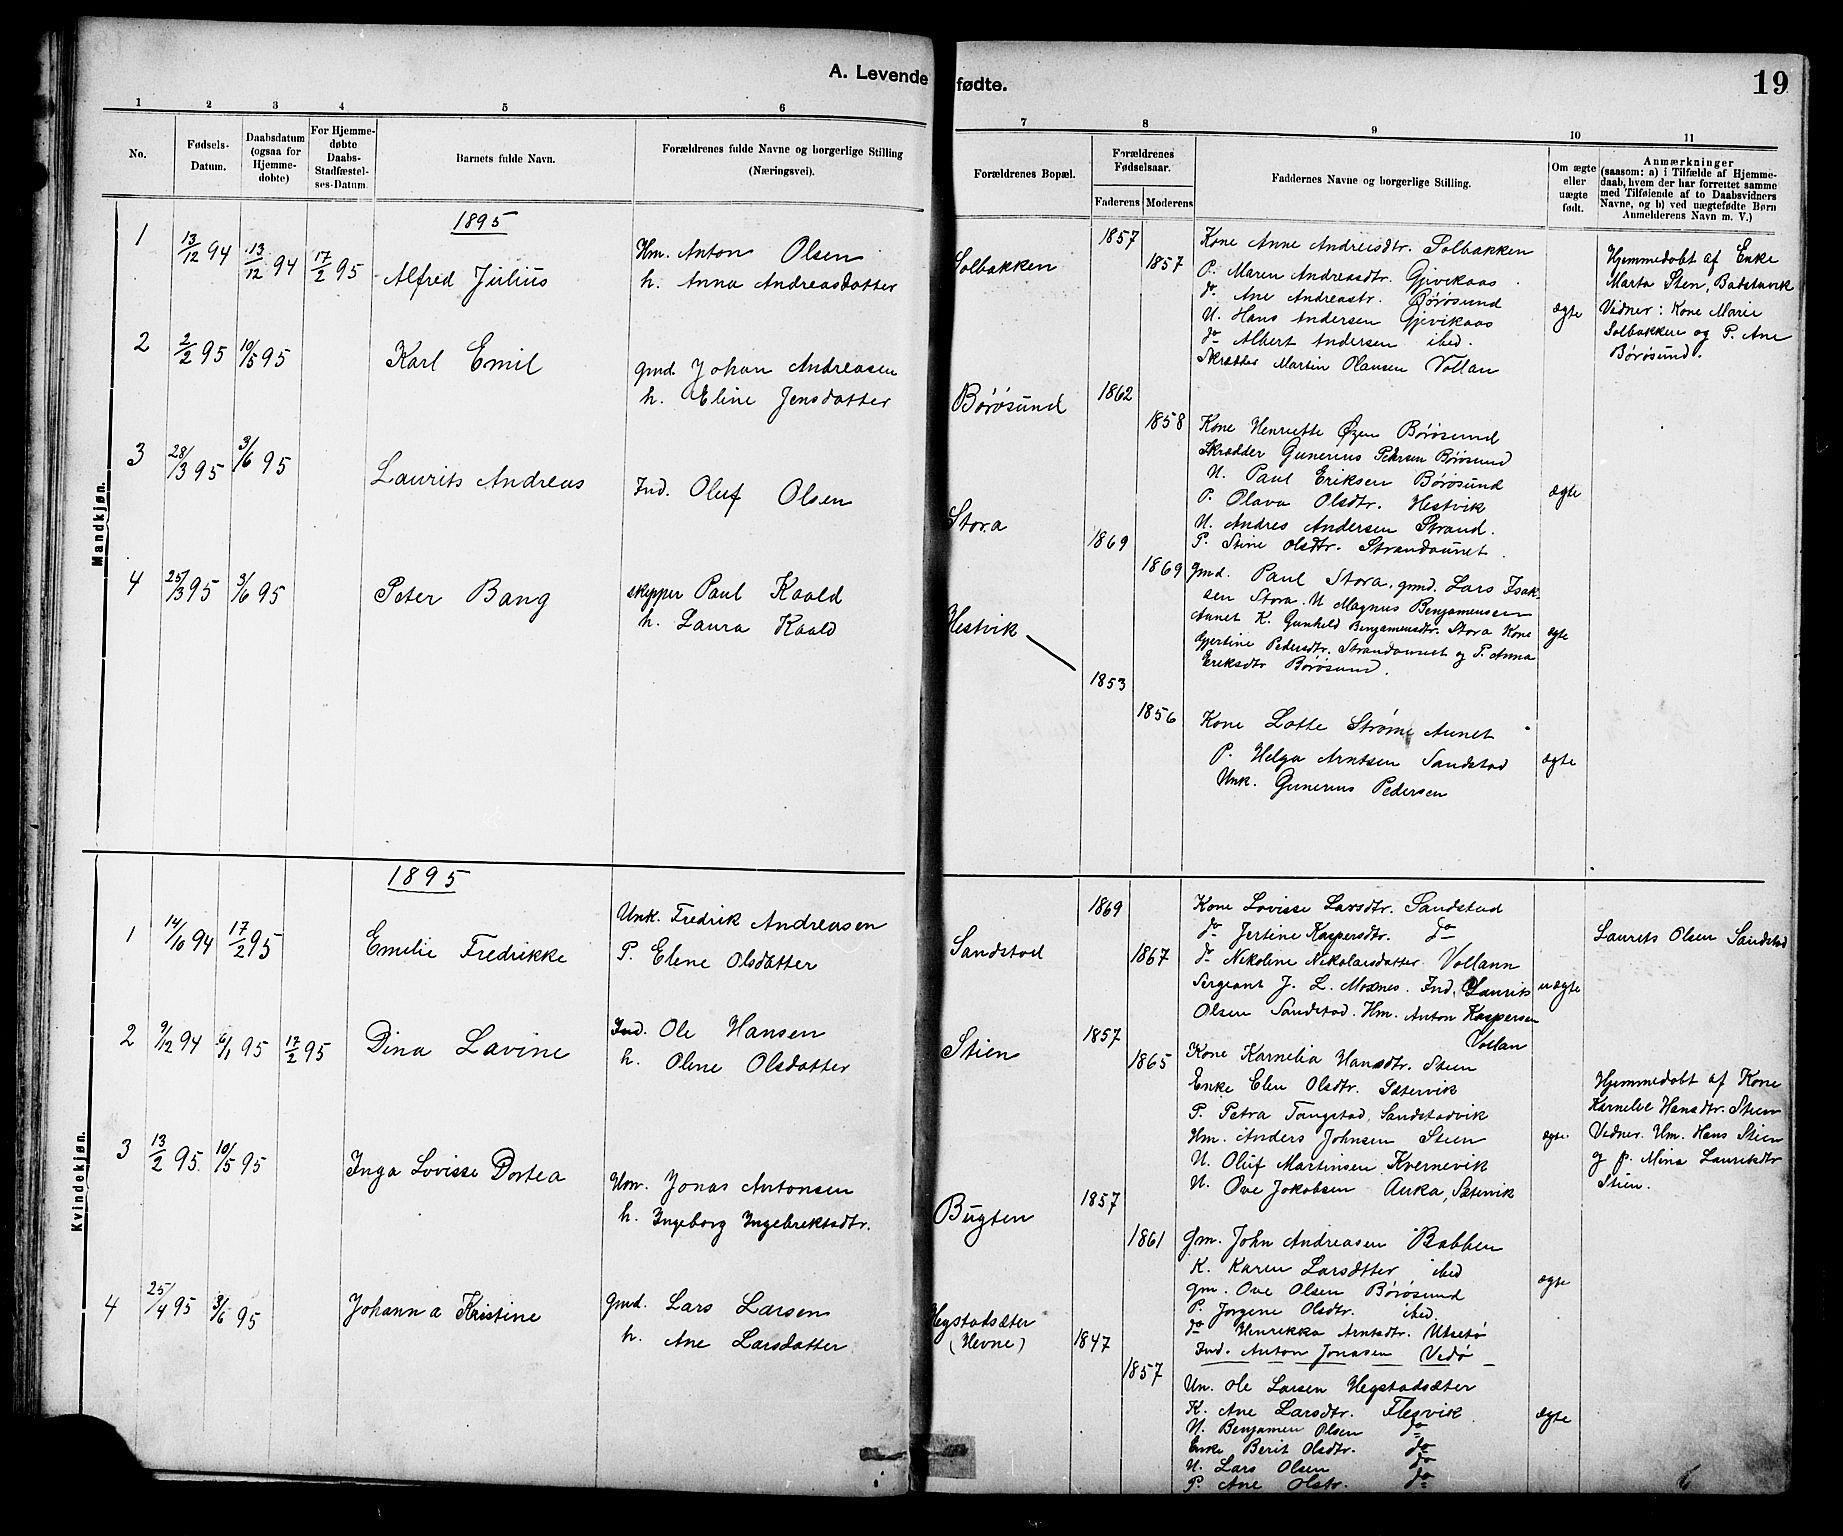 SAT, Ministerialprotokoller, klokkerbøker og fødselsregistre - Sør-Trøndelag, 639/L0573: Klokkerbok nr. 639C01, 1890-1905, s. 19